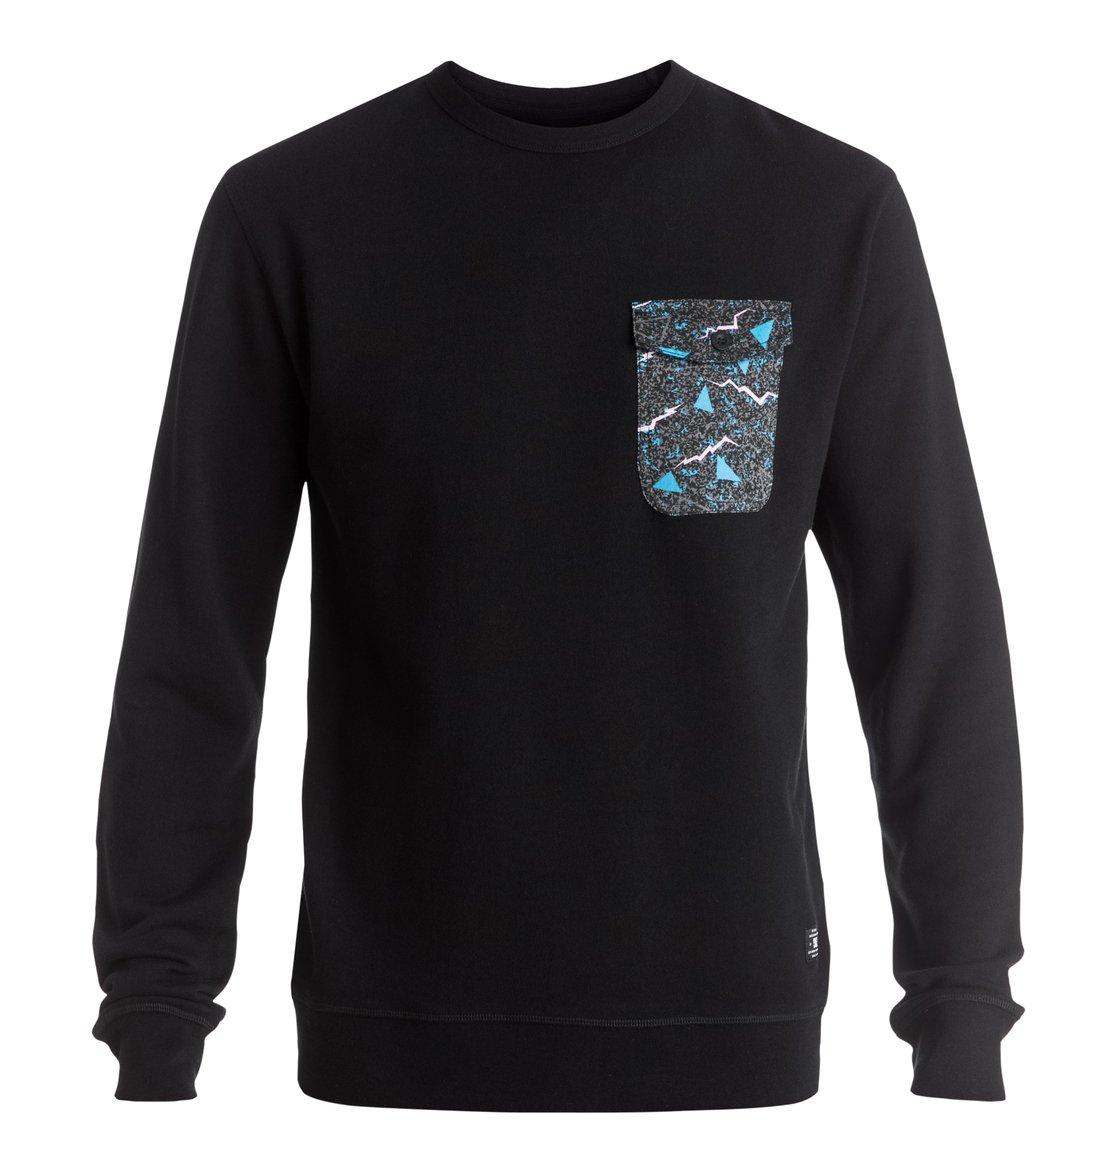 Sykes - Sweatshirt